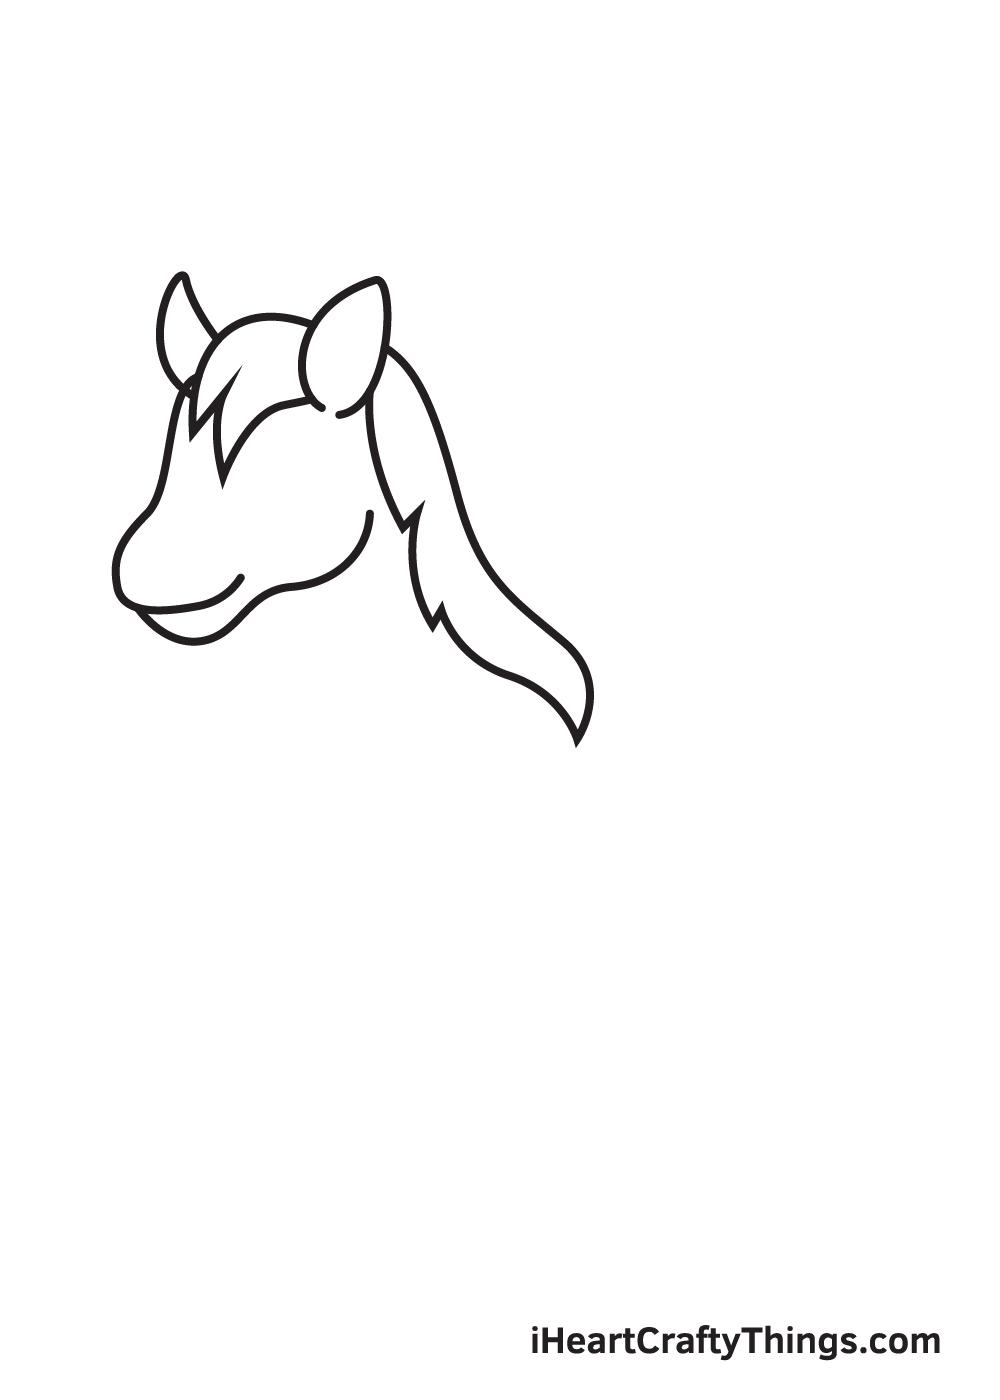 vẽ ngựa - bước 3